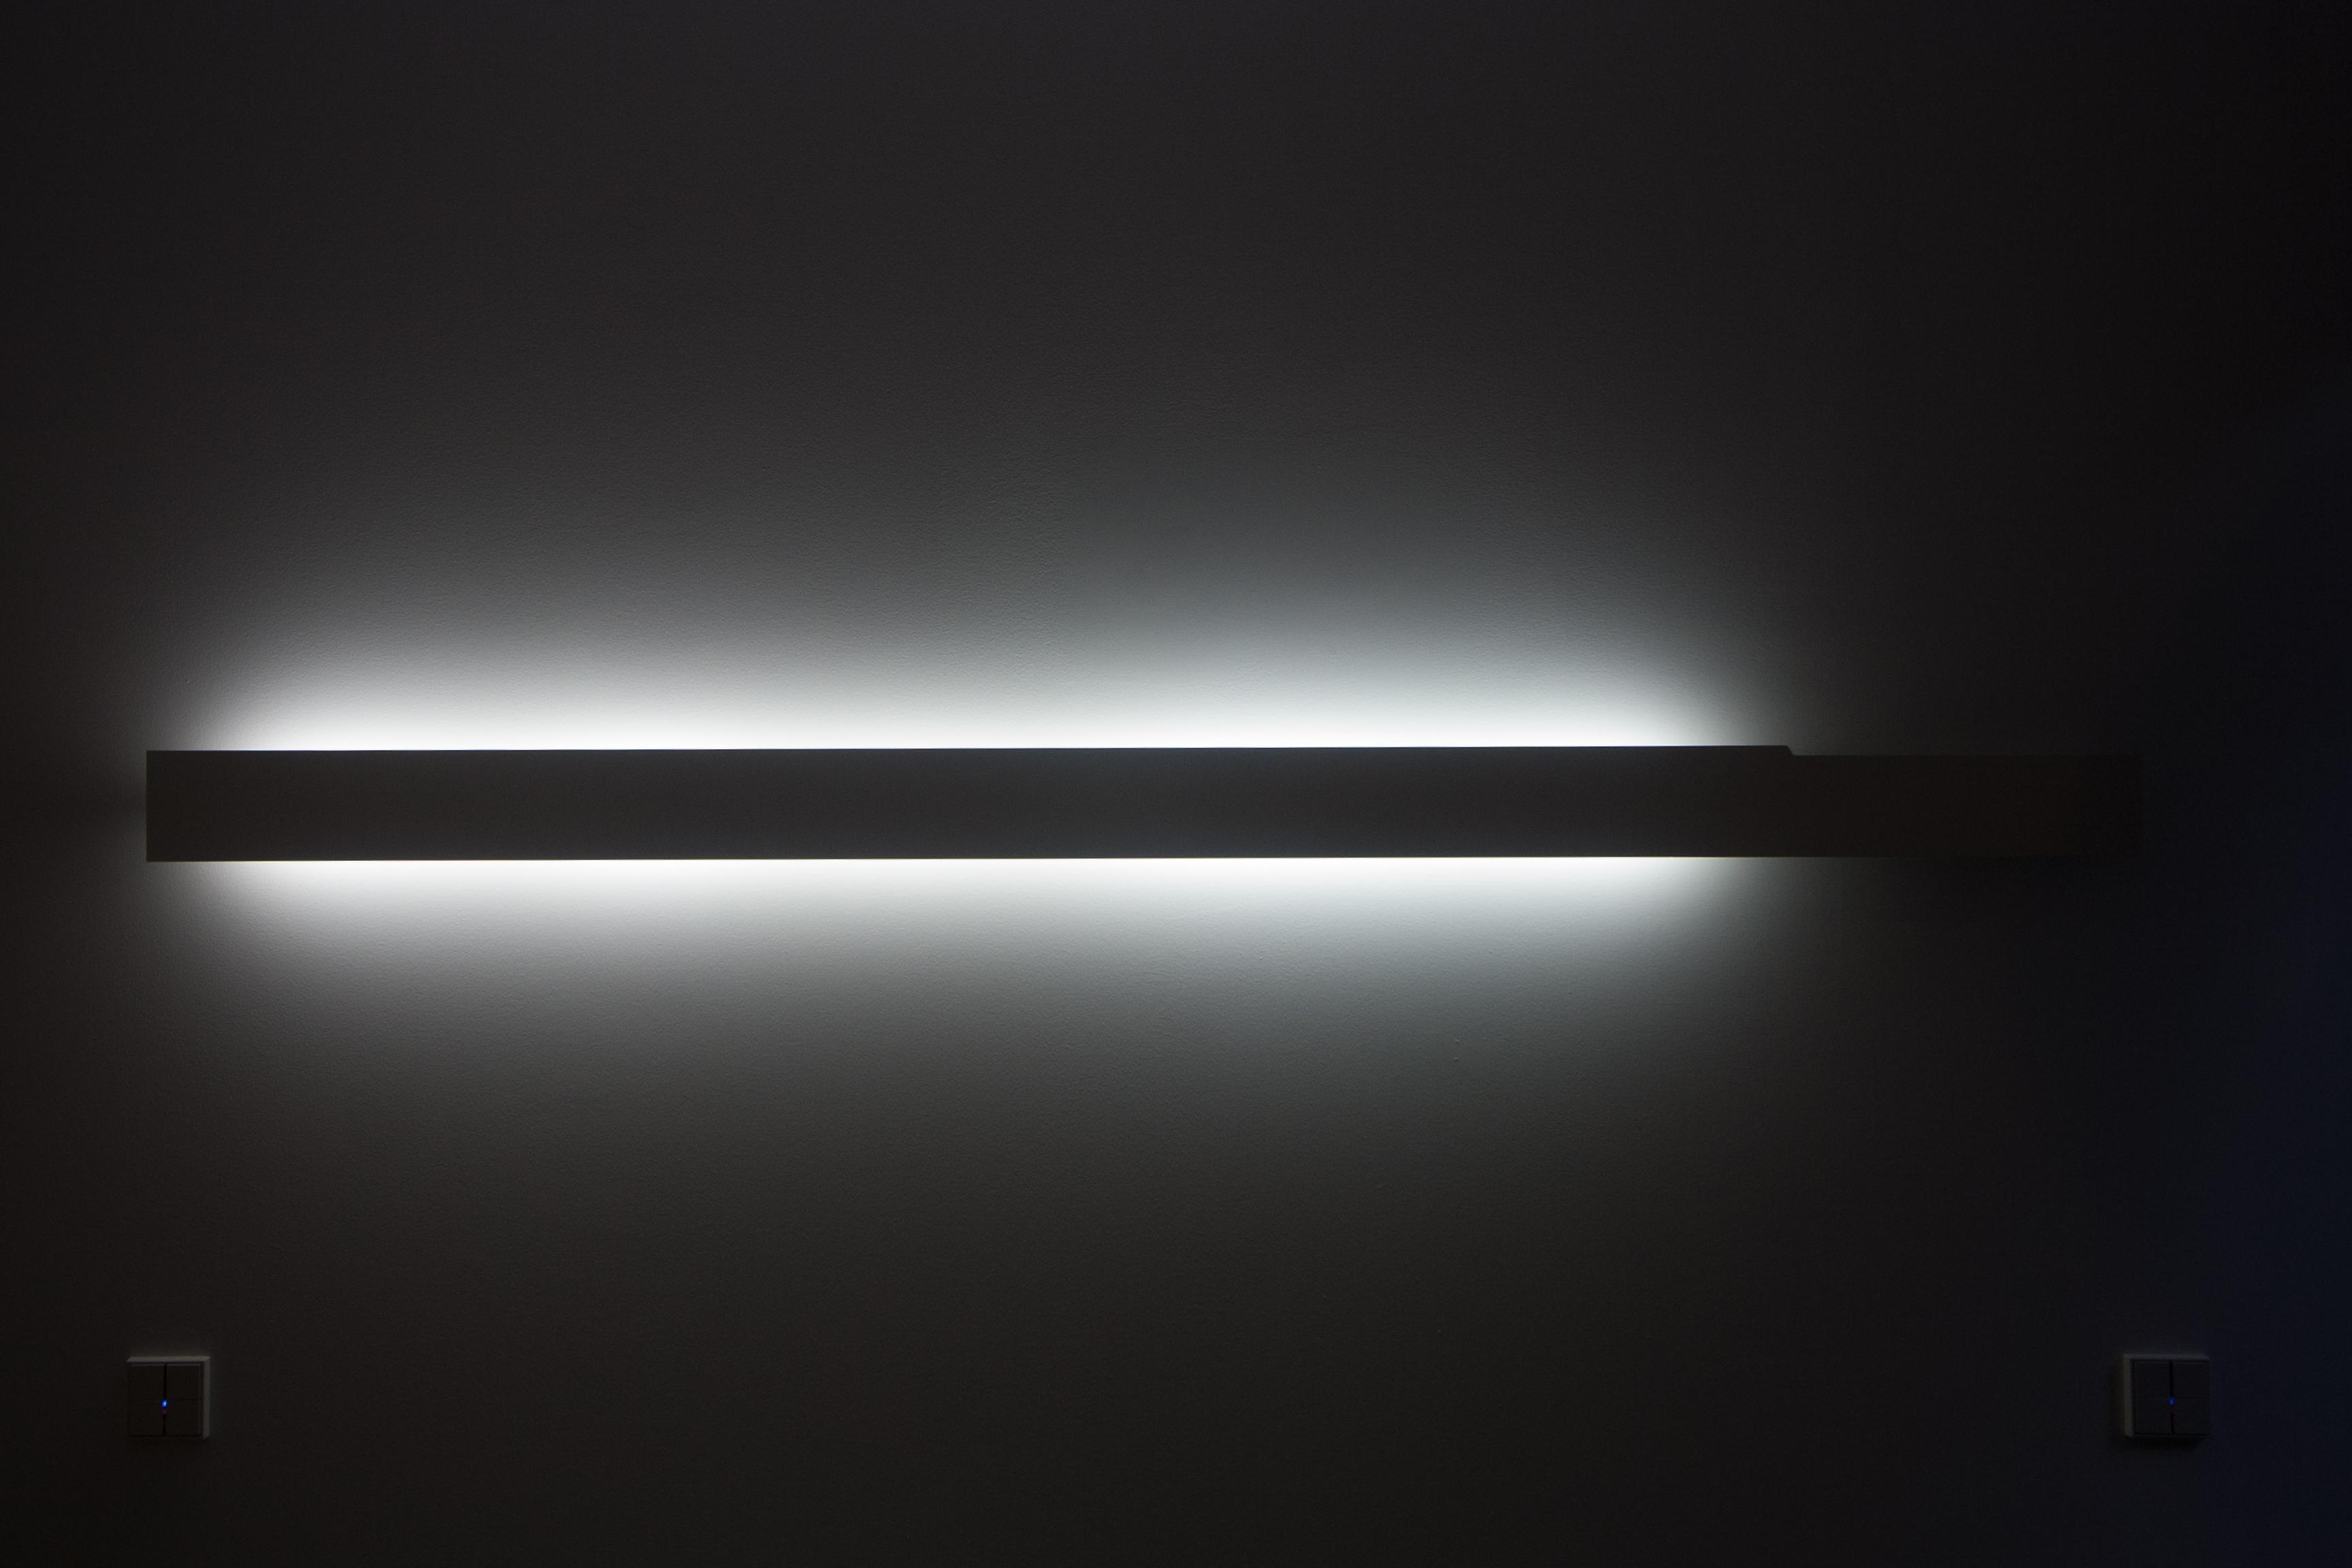 iluminación cadiz, domotica cadiz, sonido cadiz